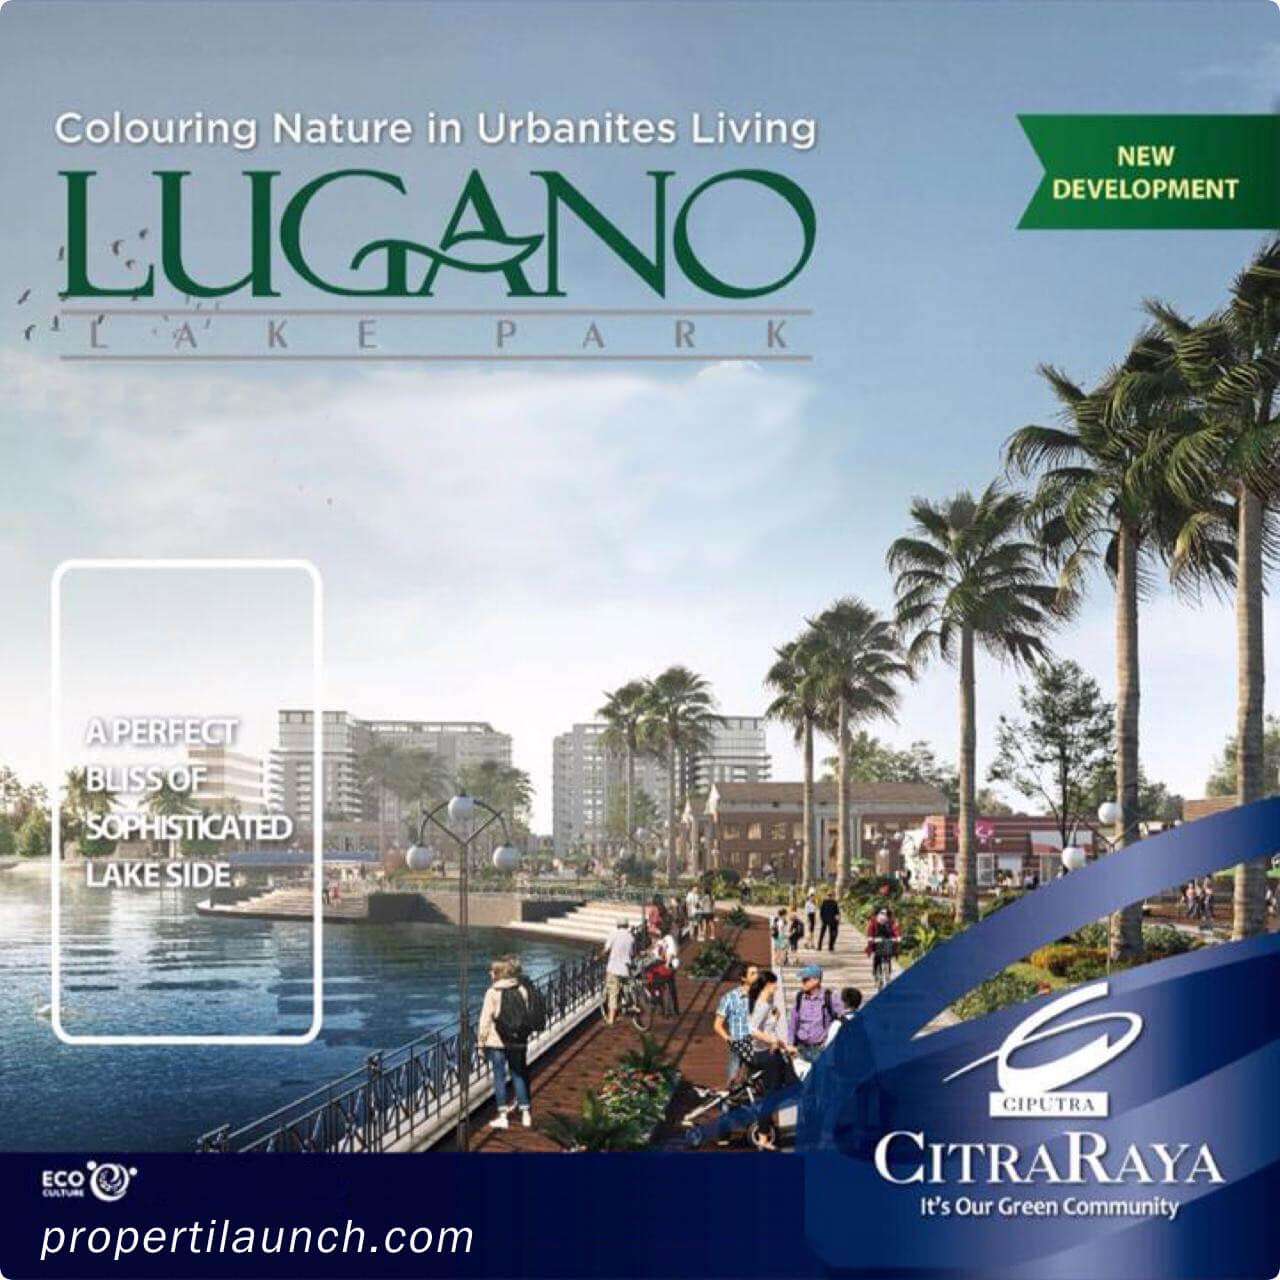 Lugano Lake Park Citra Raya